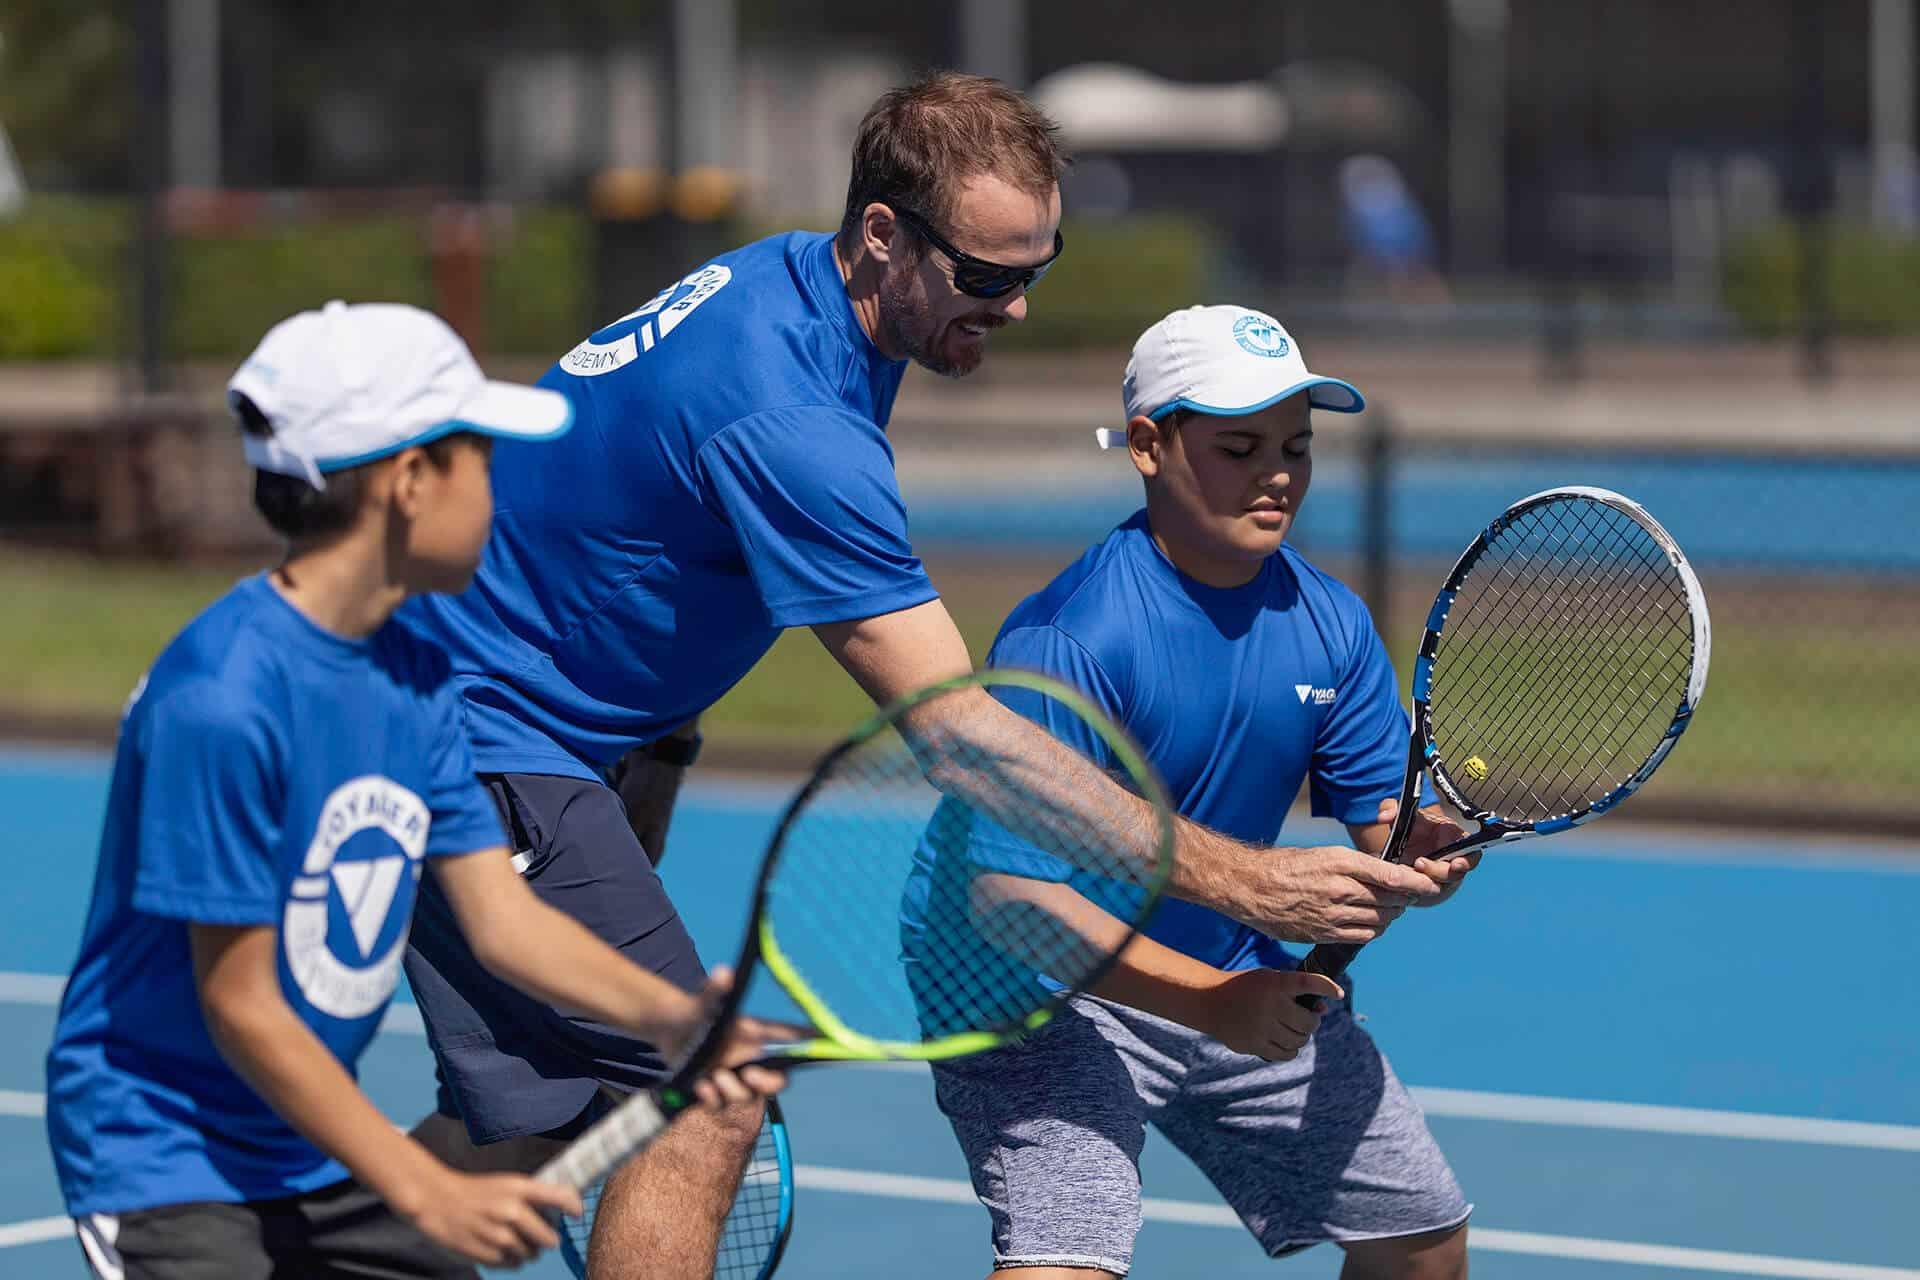 Tennis Academy Sydney Olympic Park